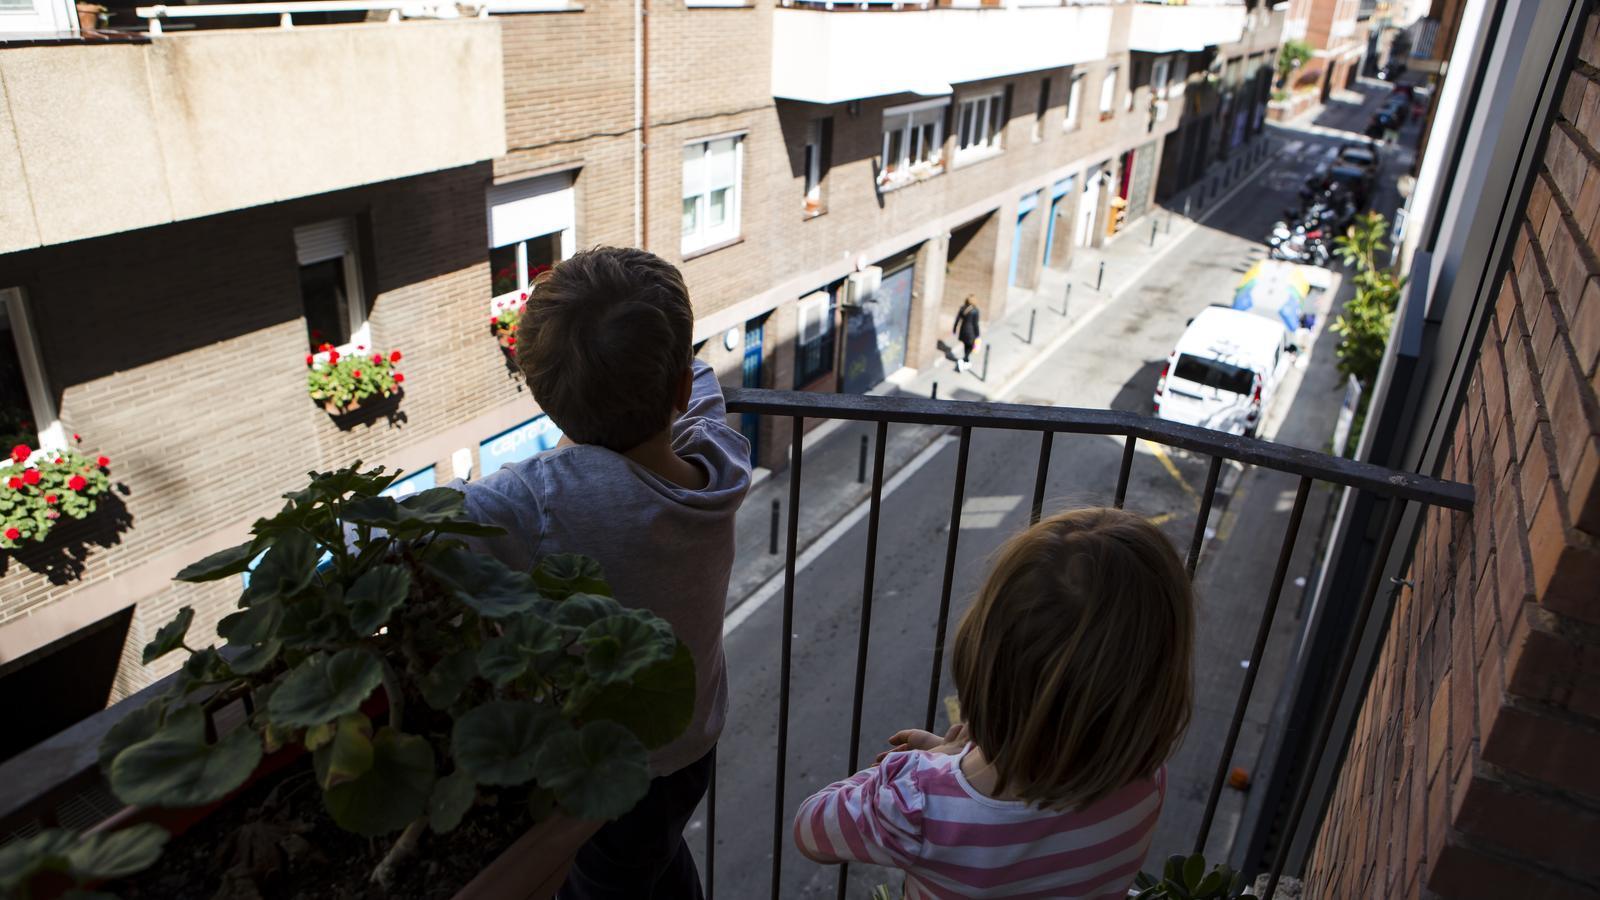 Els nens poden sortir al carrer per anar a comprar? L'estat d'alarma ho permet sempre que sigui amb un sol acompanyant